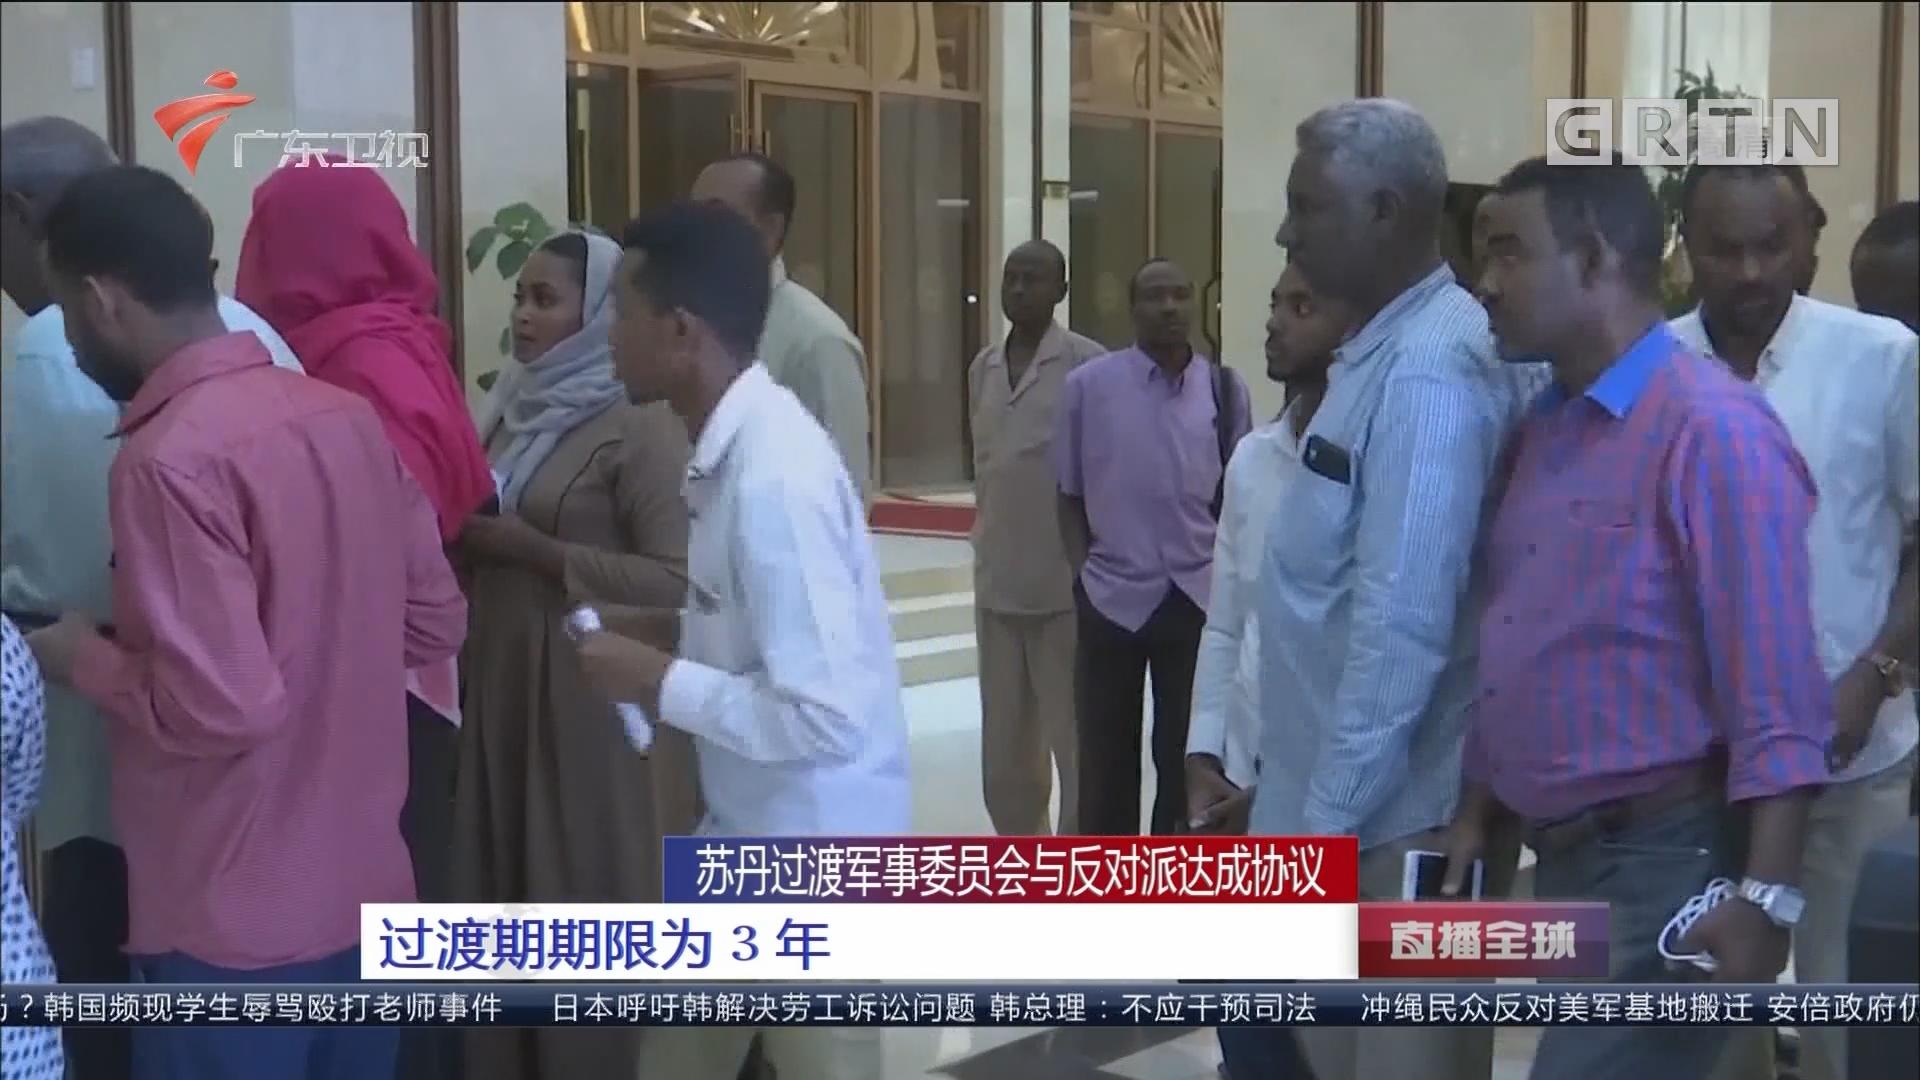 苏丹过渡军事委员会与反对派达成协议:过渡期期限为3年